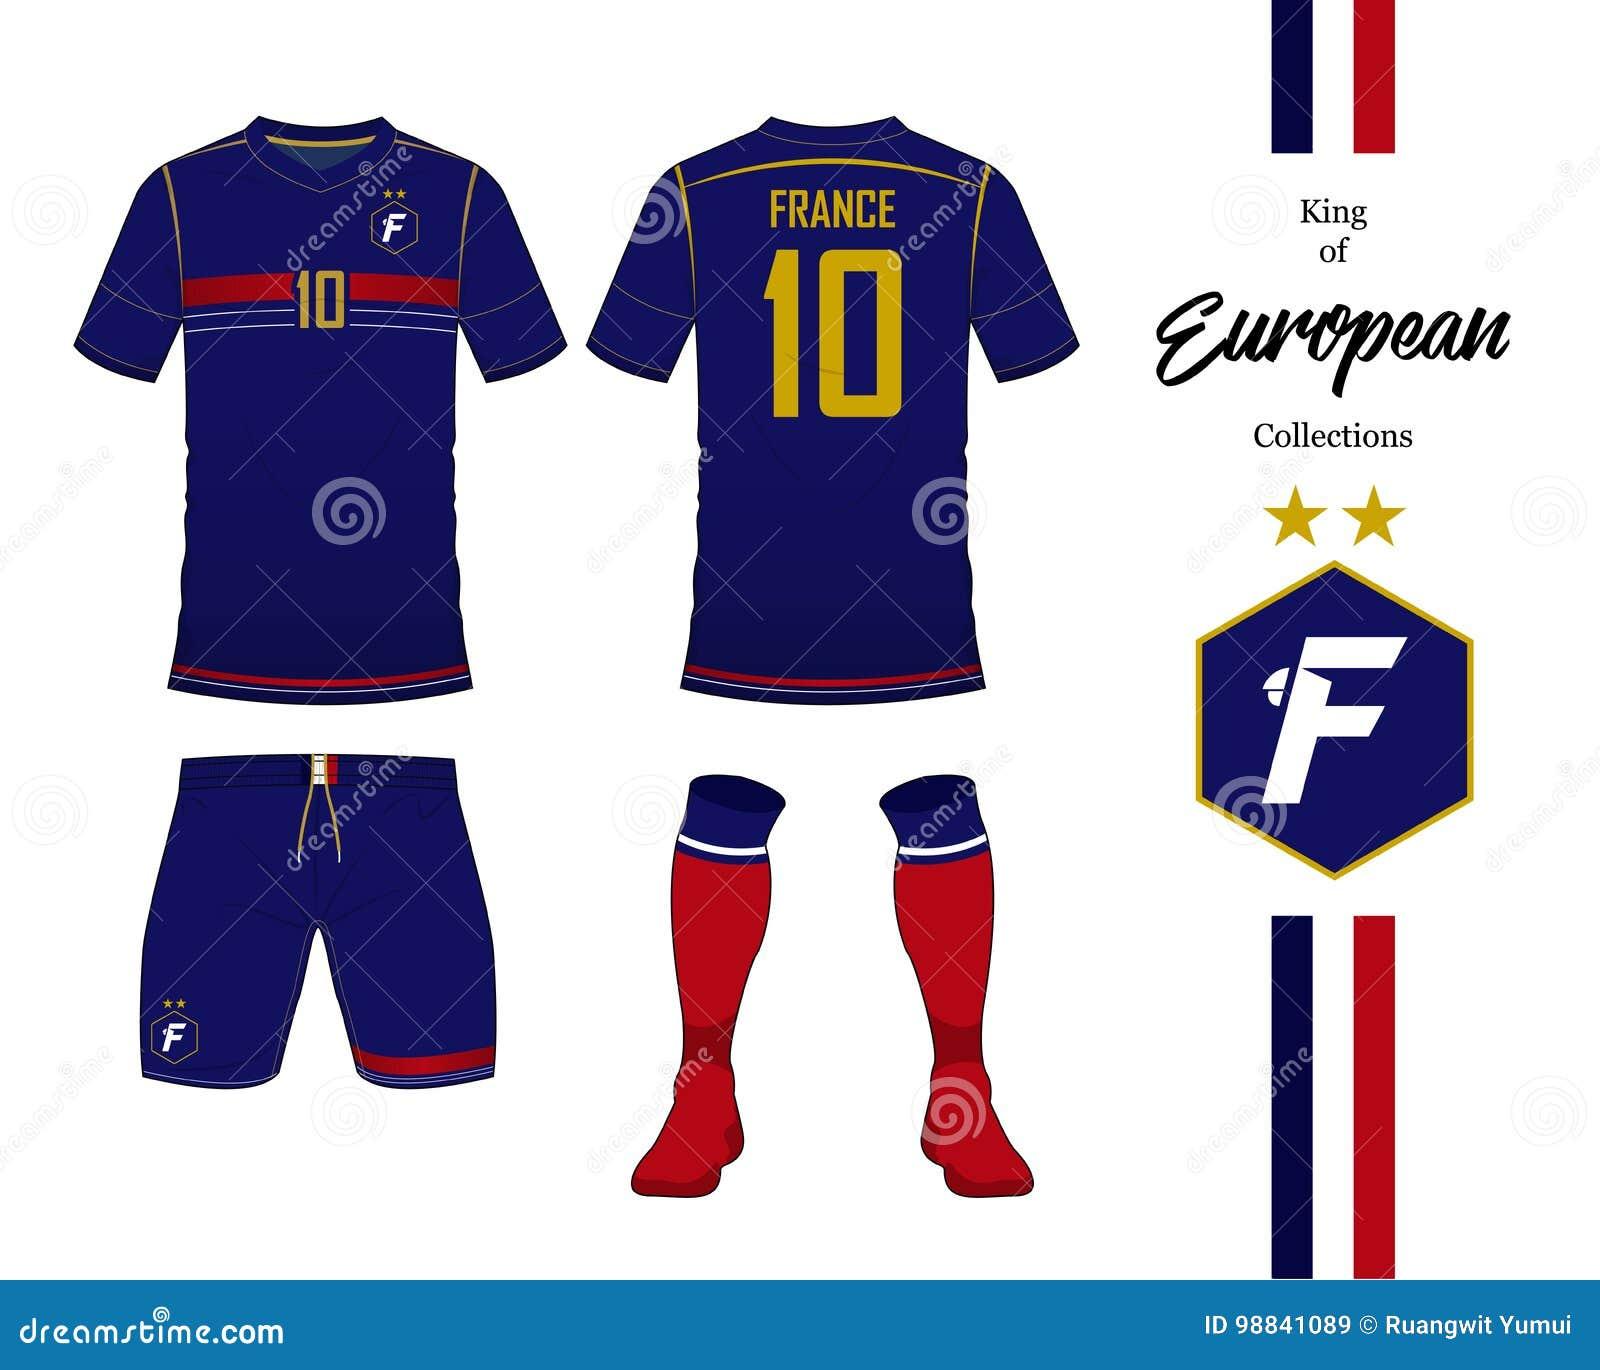 9f72bf76d1a9d Uniforme del equipo nacional del fútbol de Francia Jersey de fútbol o  plantilla del equipo del fútbol Logotipo del fútbol en diseño plano Mofa  delantera y ...